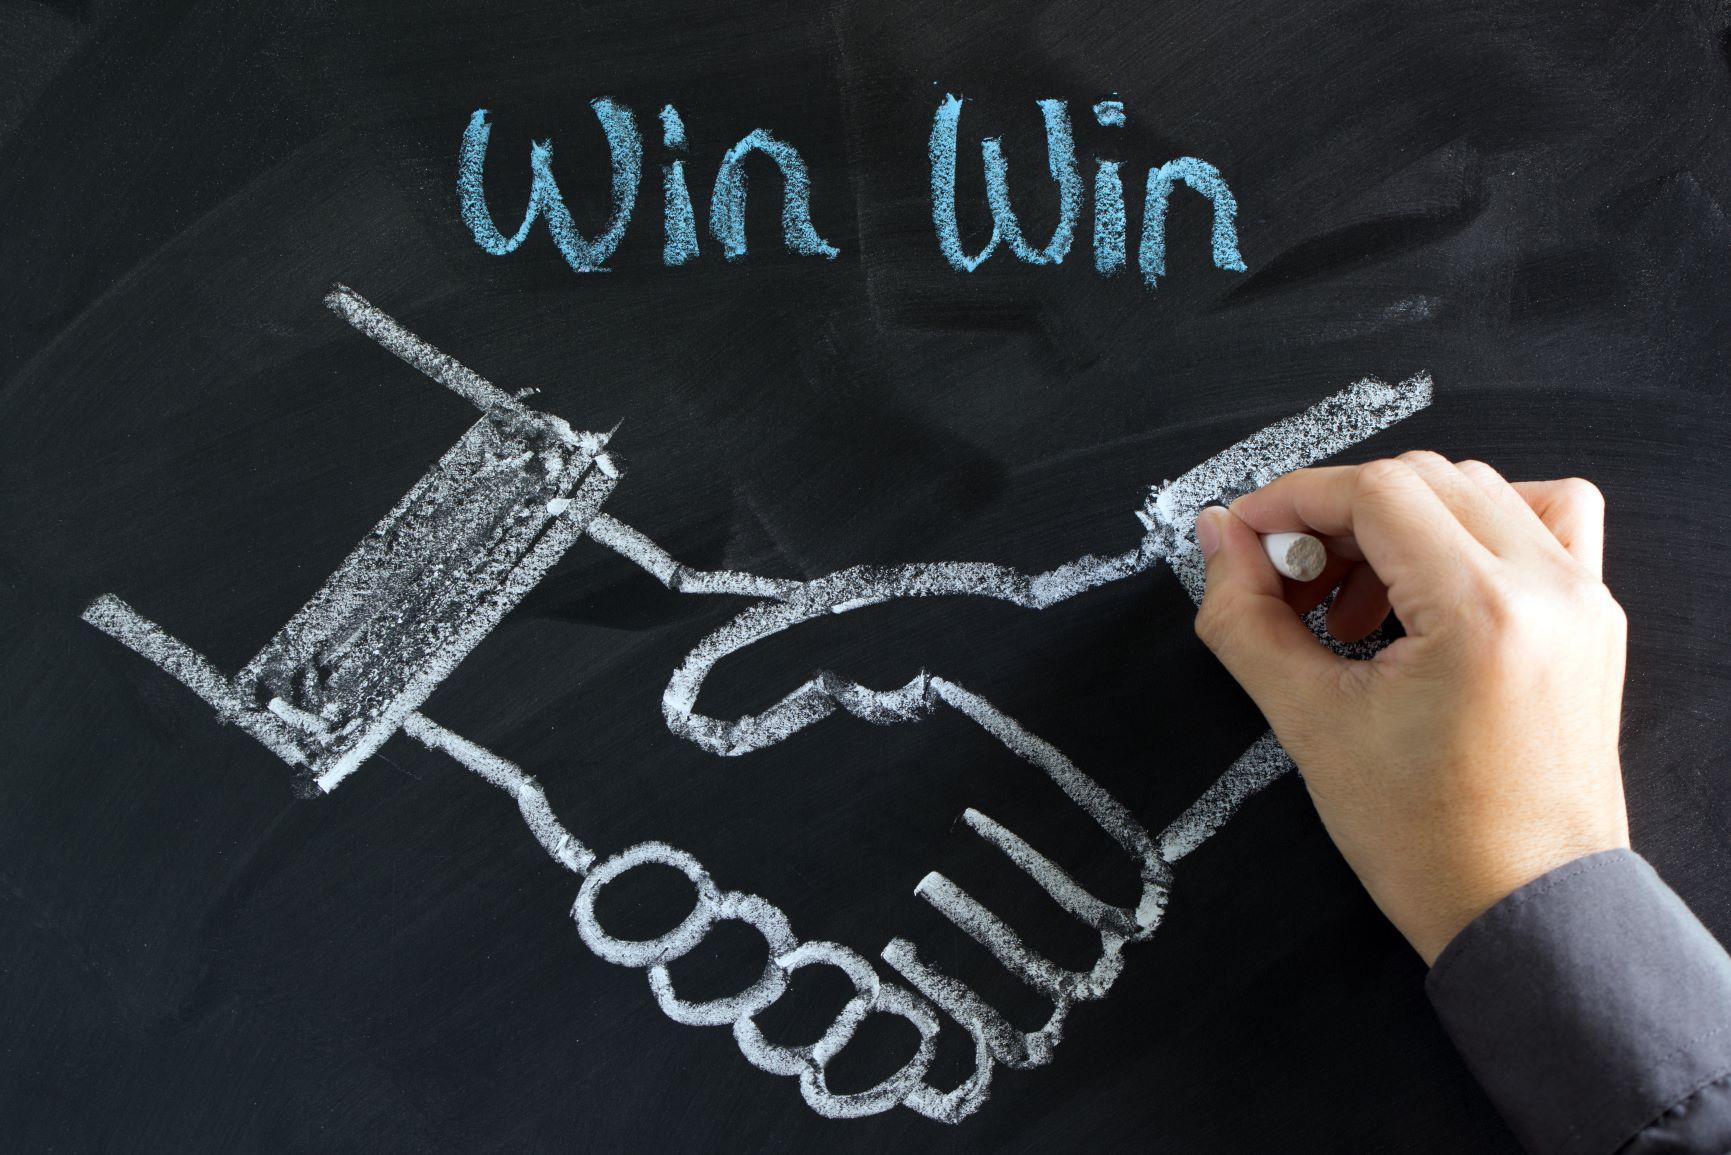 Recrutement : négocier le salaire en gagnant-gagnant en temps de crise